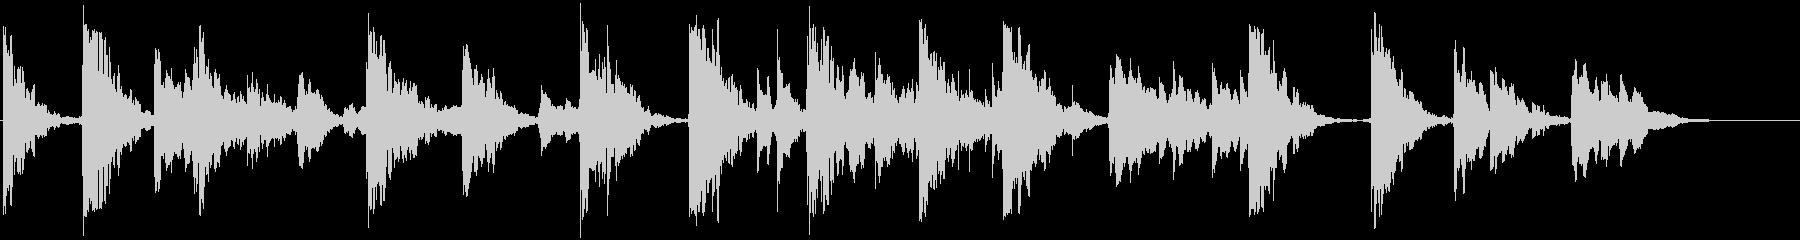 複数の7.62 X 51 MM N...の未再生の波形